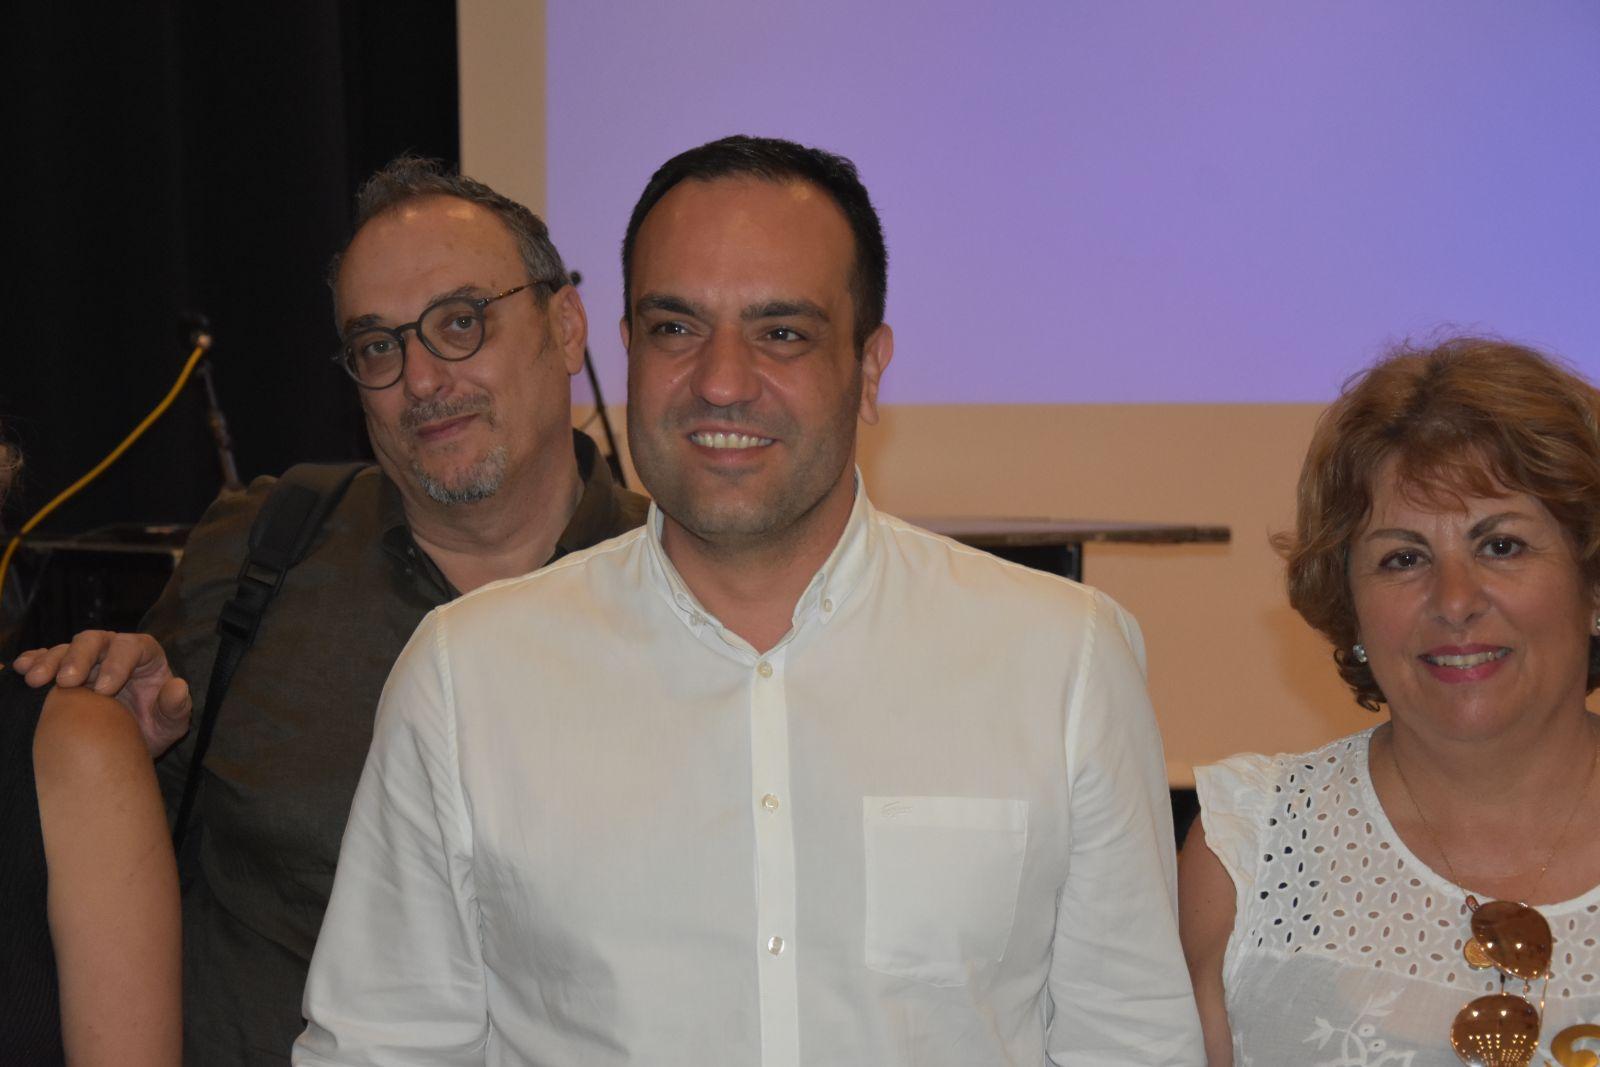 Κουκάς: «Σας ευχαριστώ από καρδιάς για τη μεγάλη εκλογική νίκη»